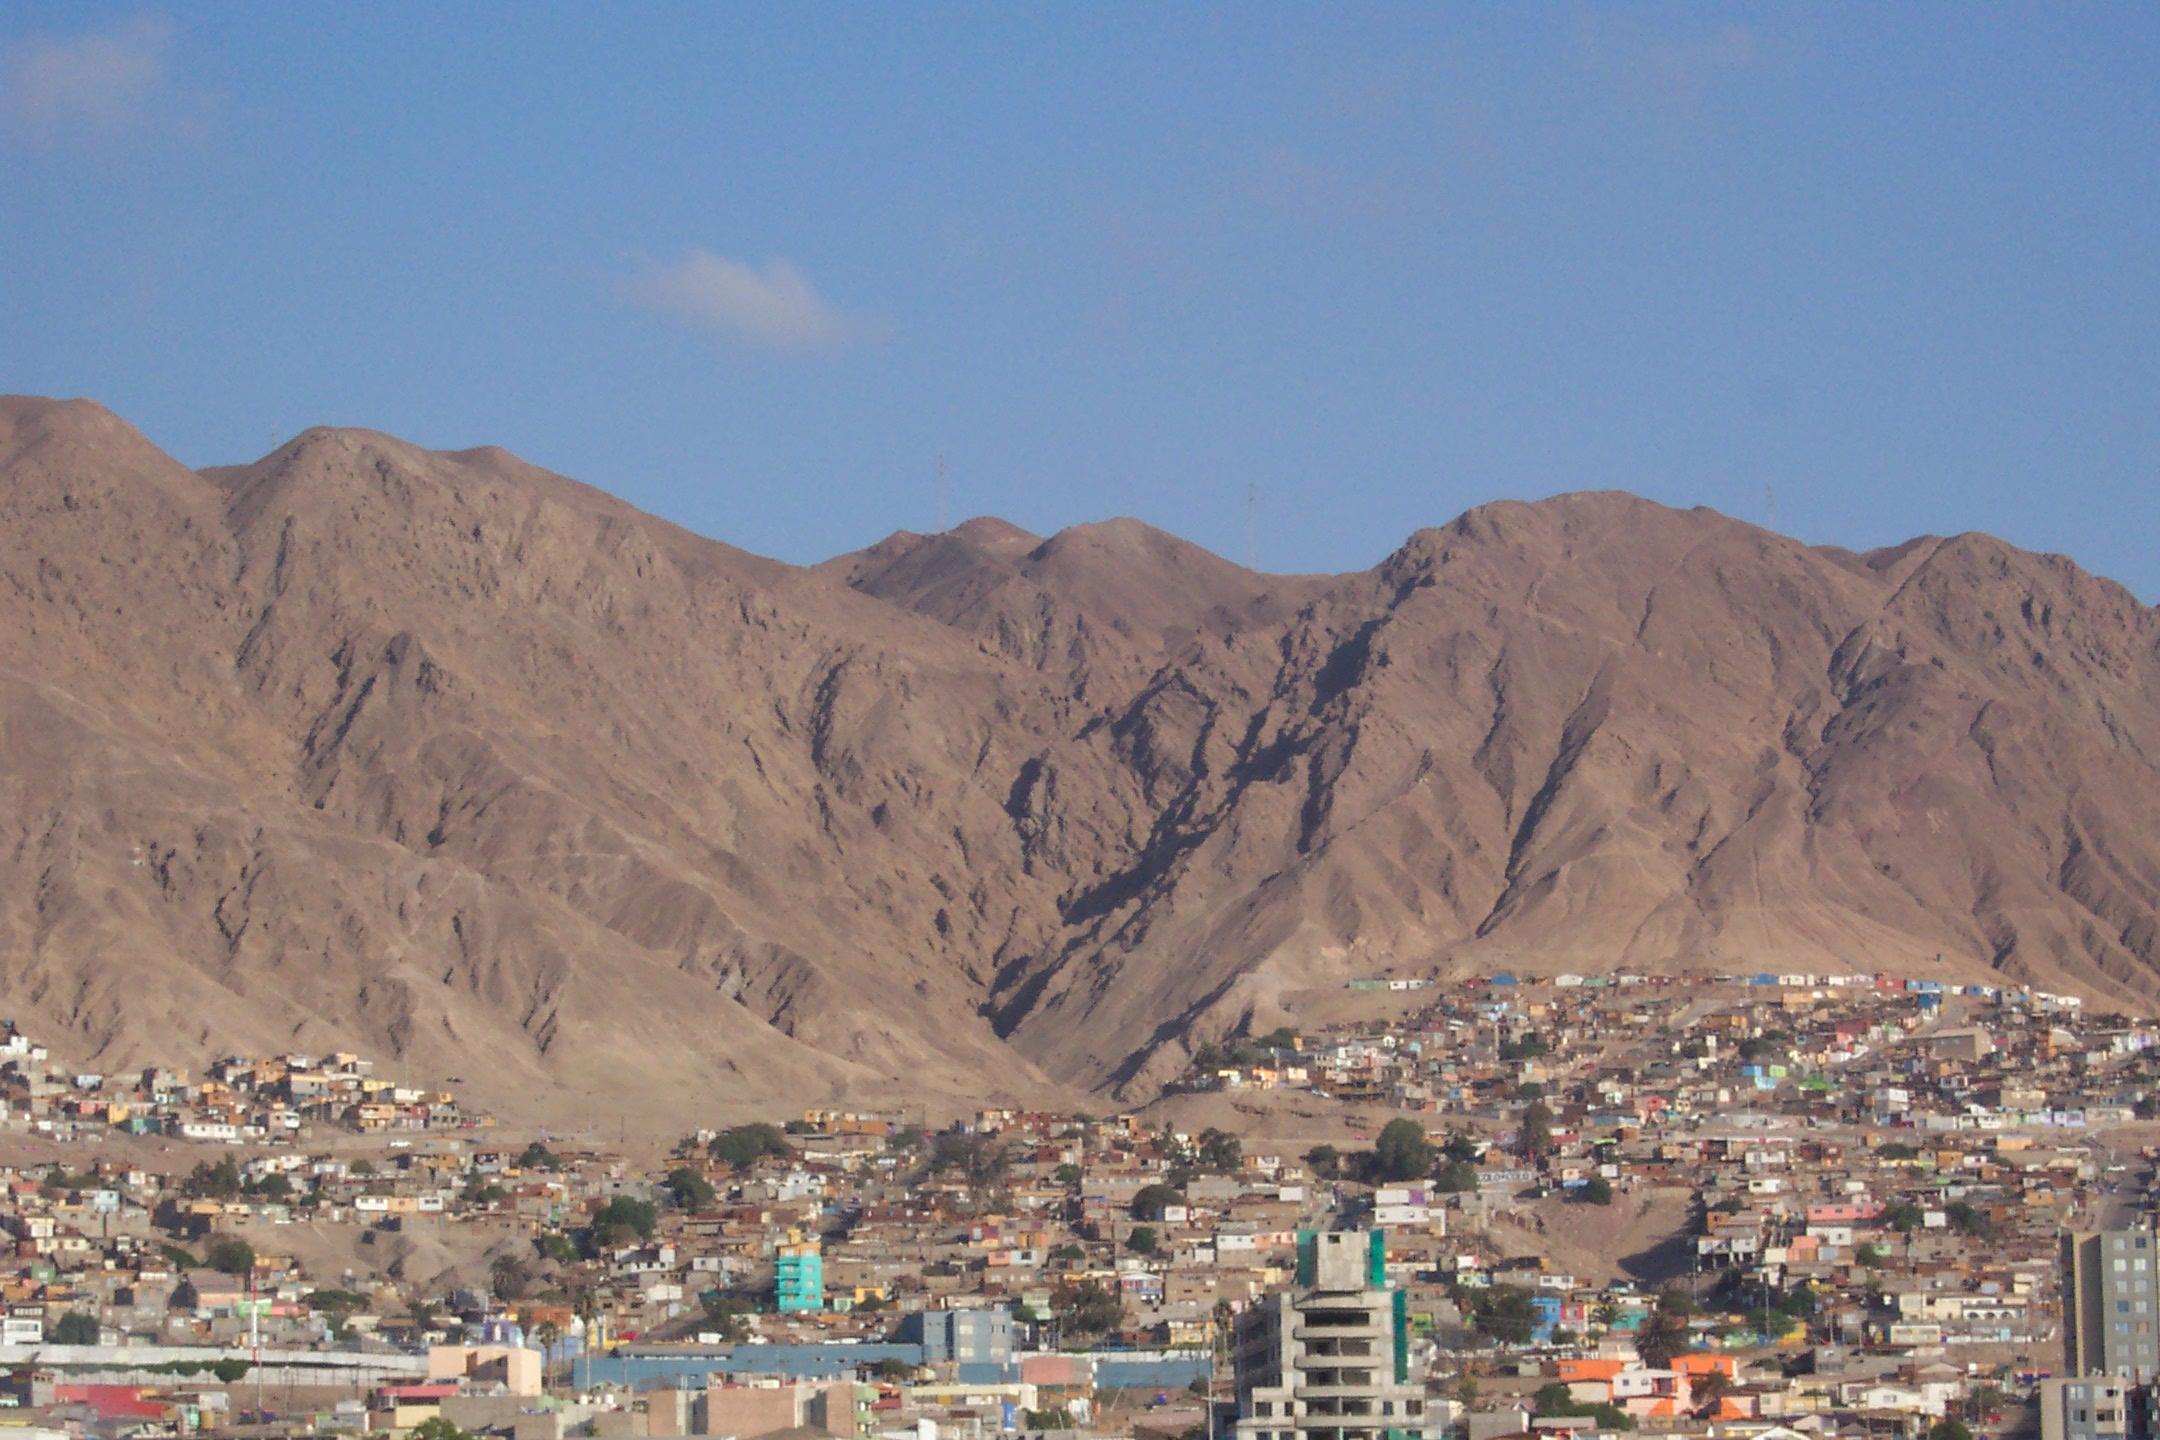 Iquique To Antofagasta, Chile